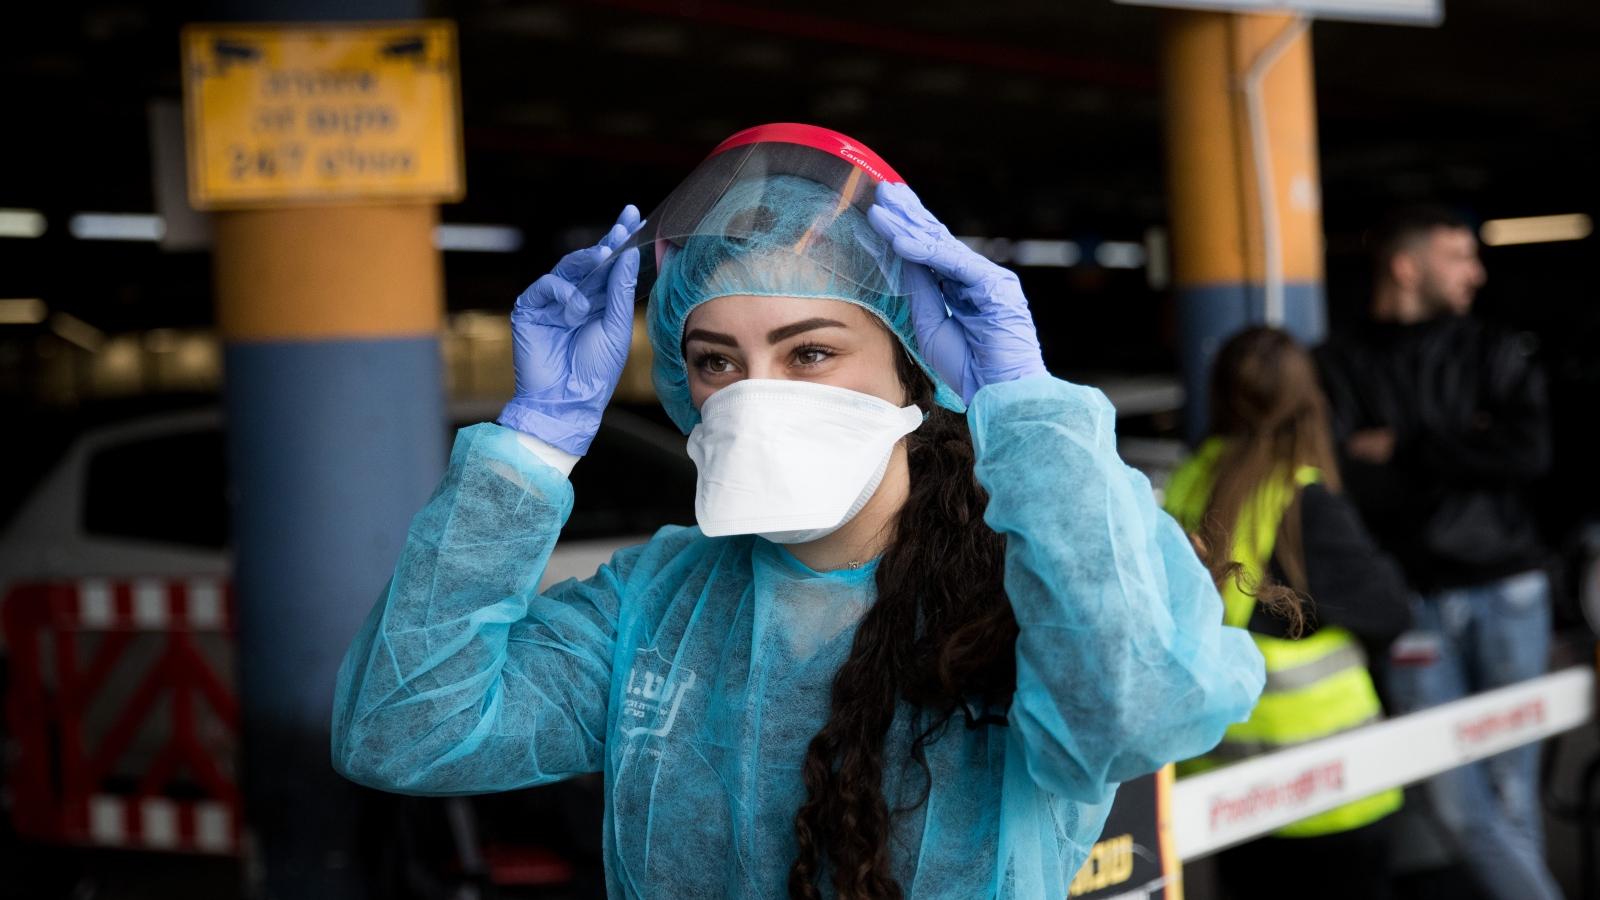 mask medical anti virus